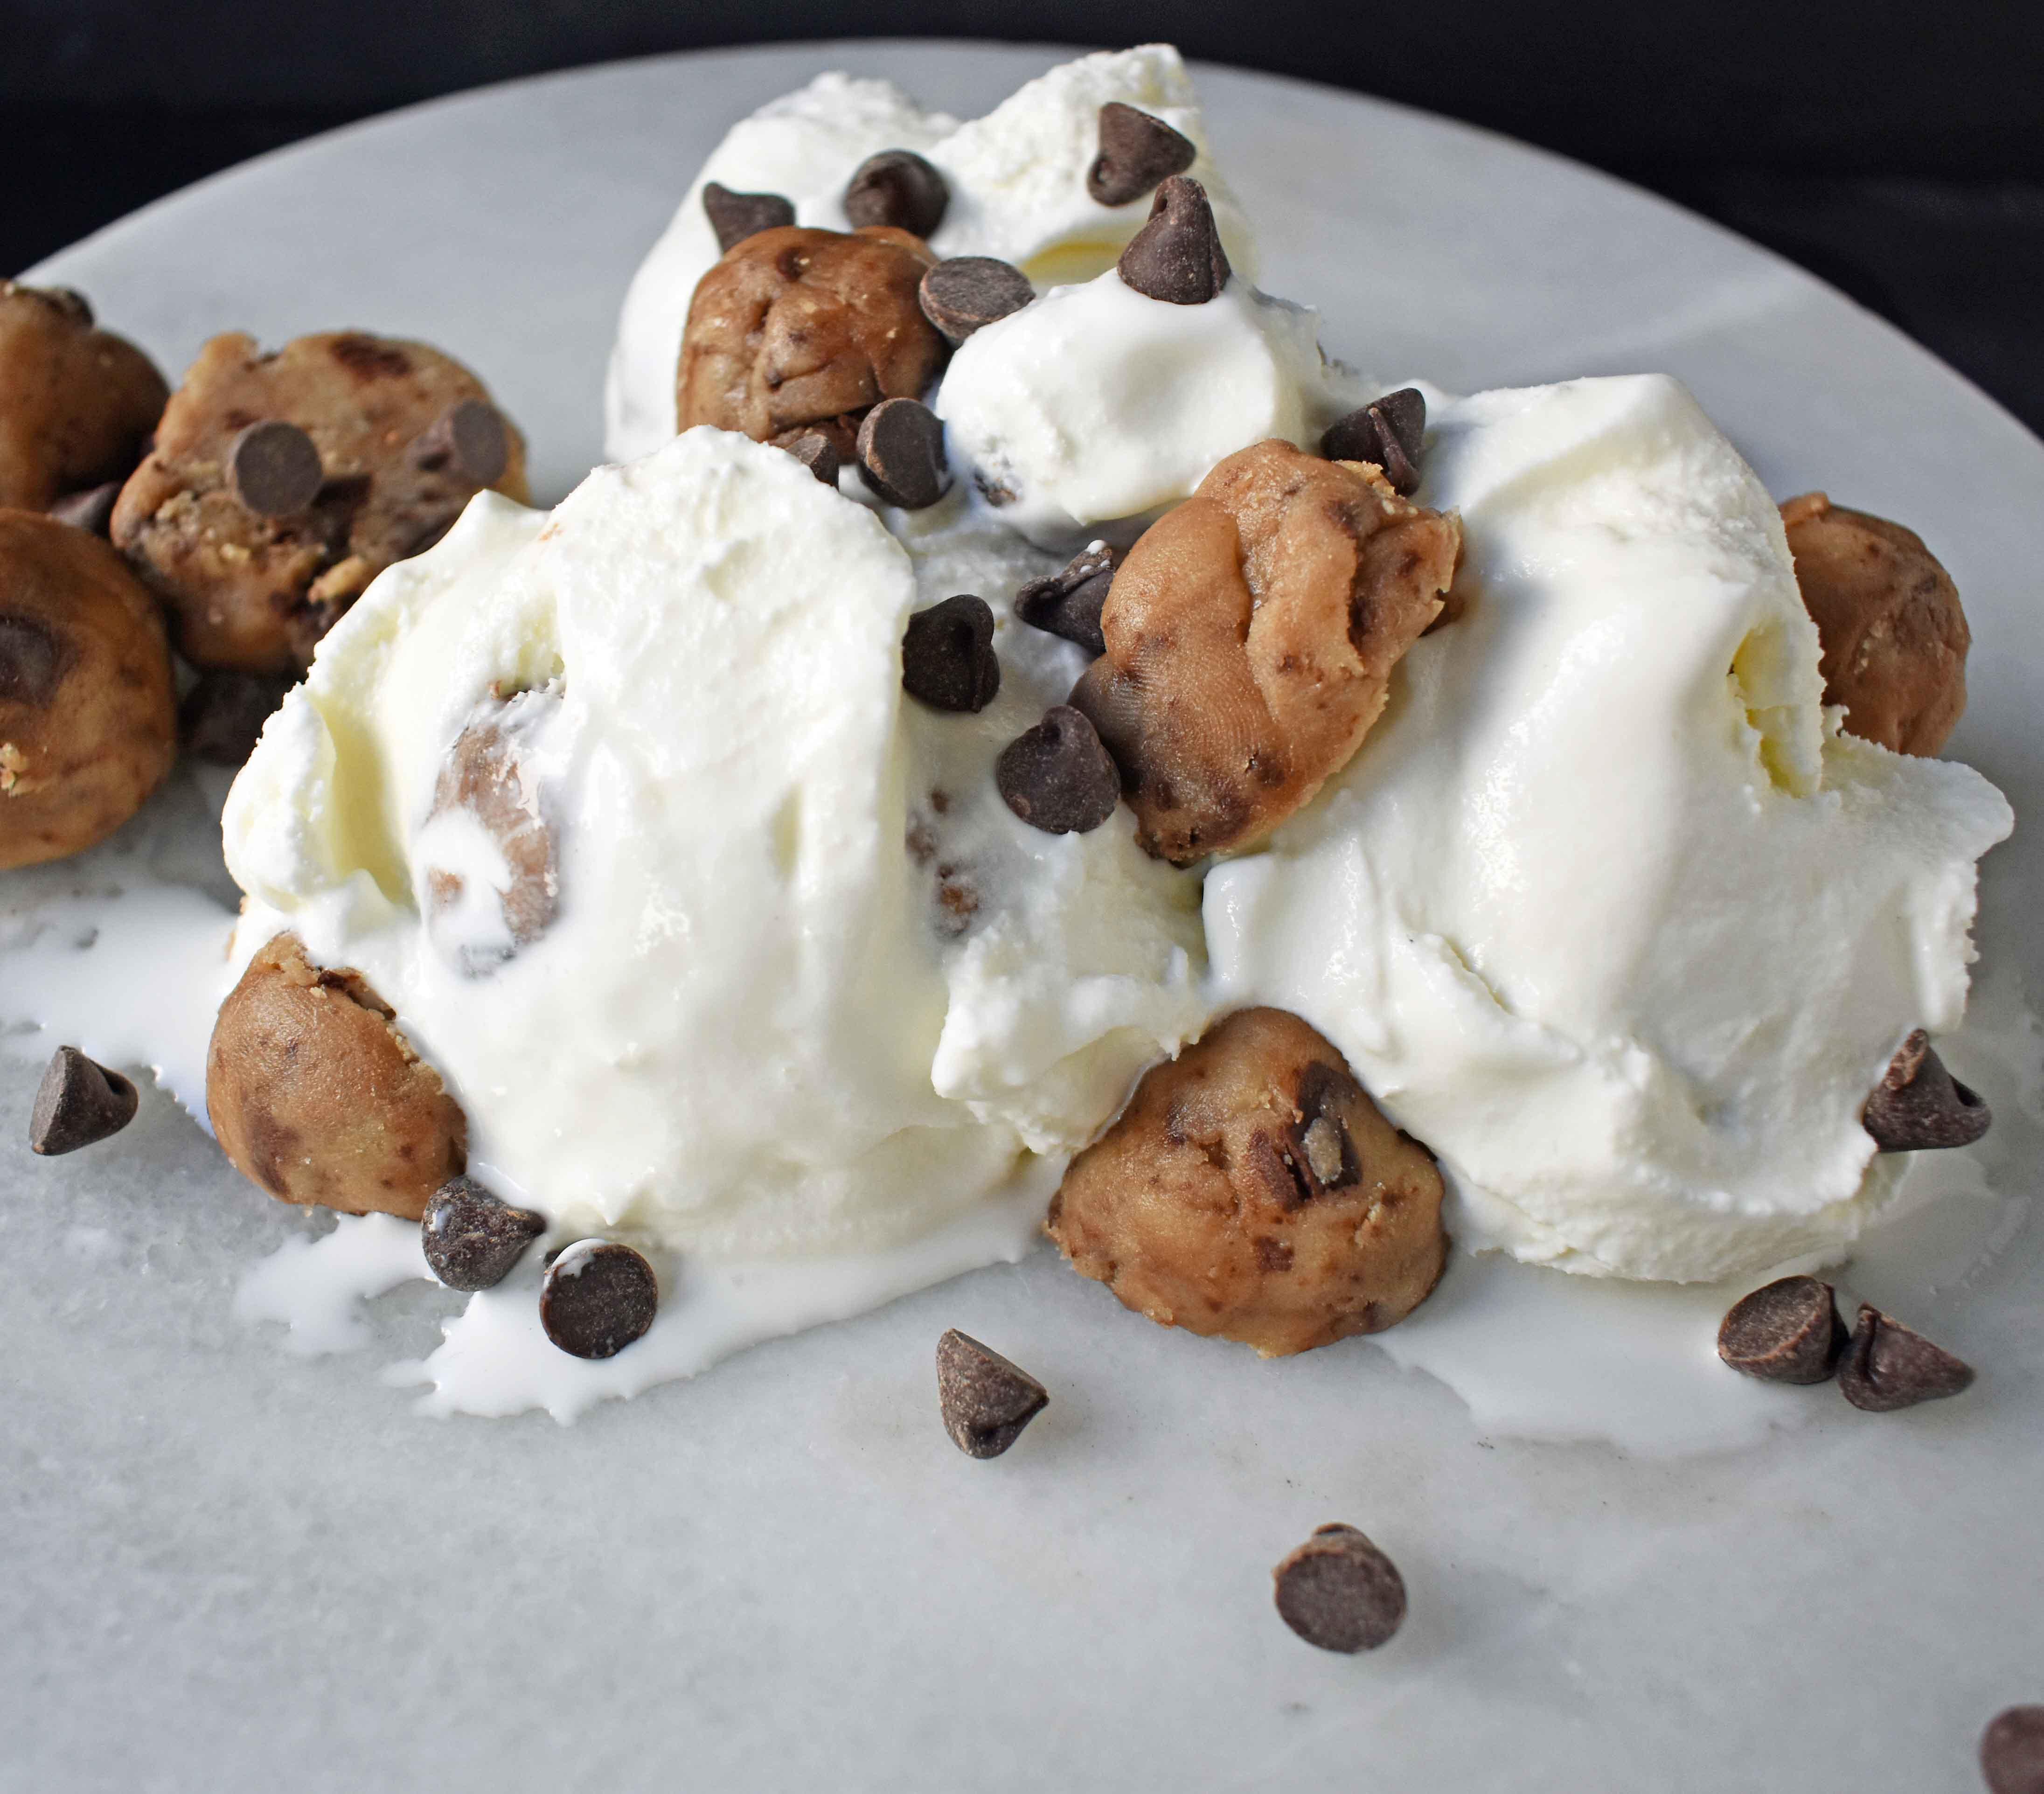 Homemade Chocolate Chip Cookie Dough Ice Cream. Made with sweet cream ice cream and homemade chocolate chip cookie dough. The perfect homemade ice cream! www.modernhoney.com